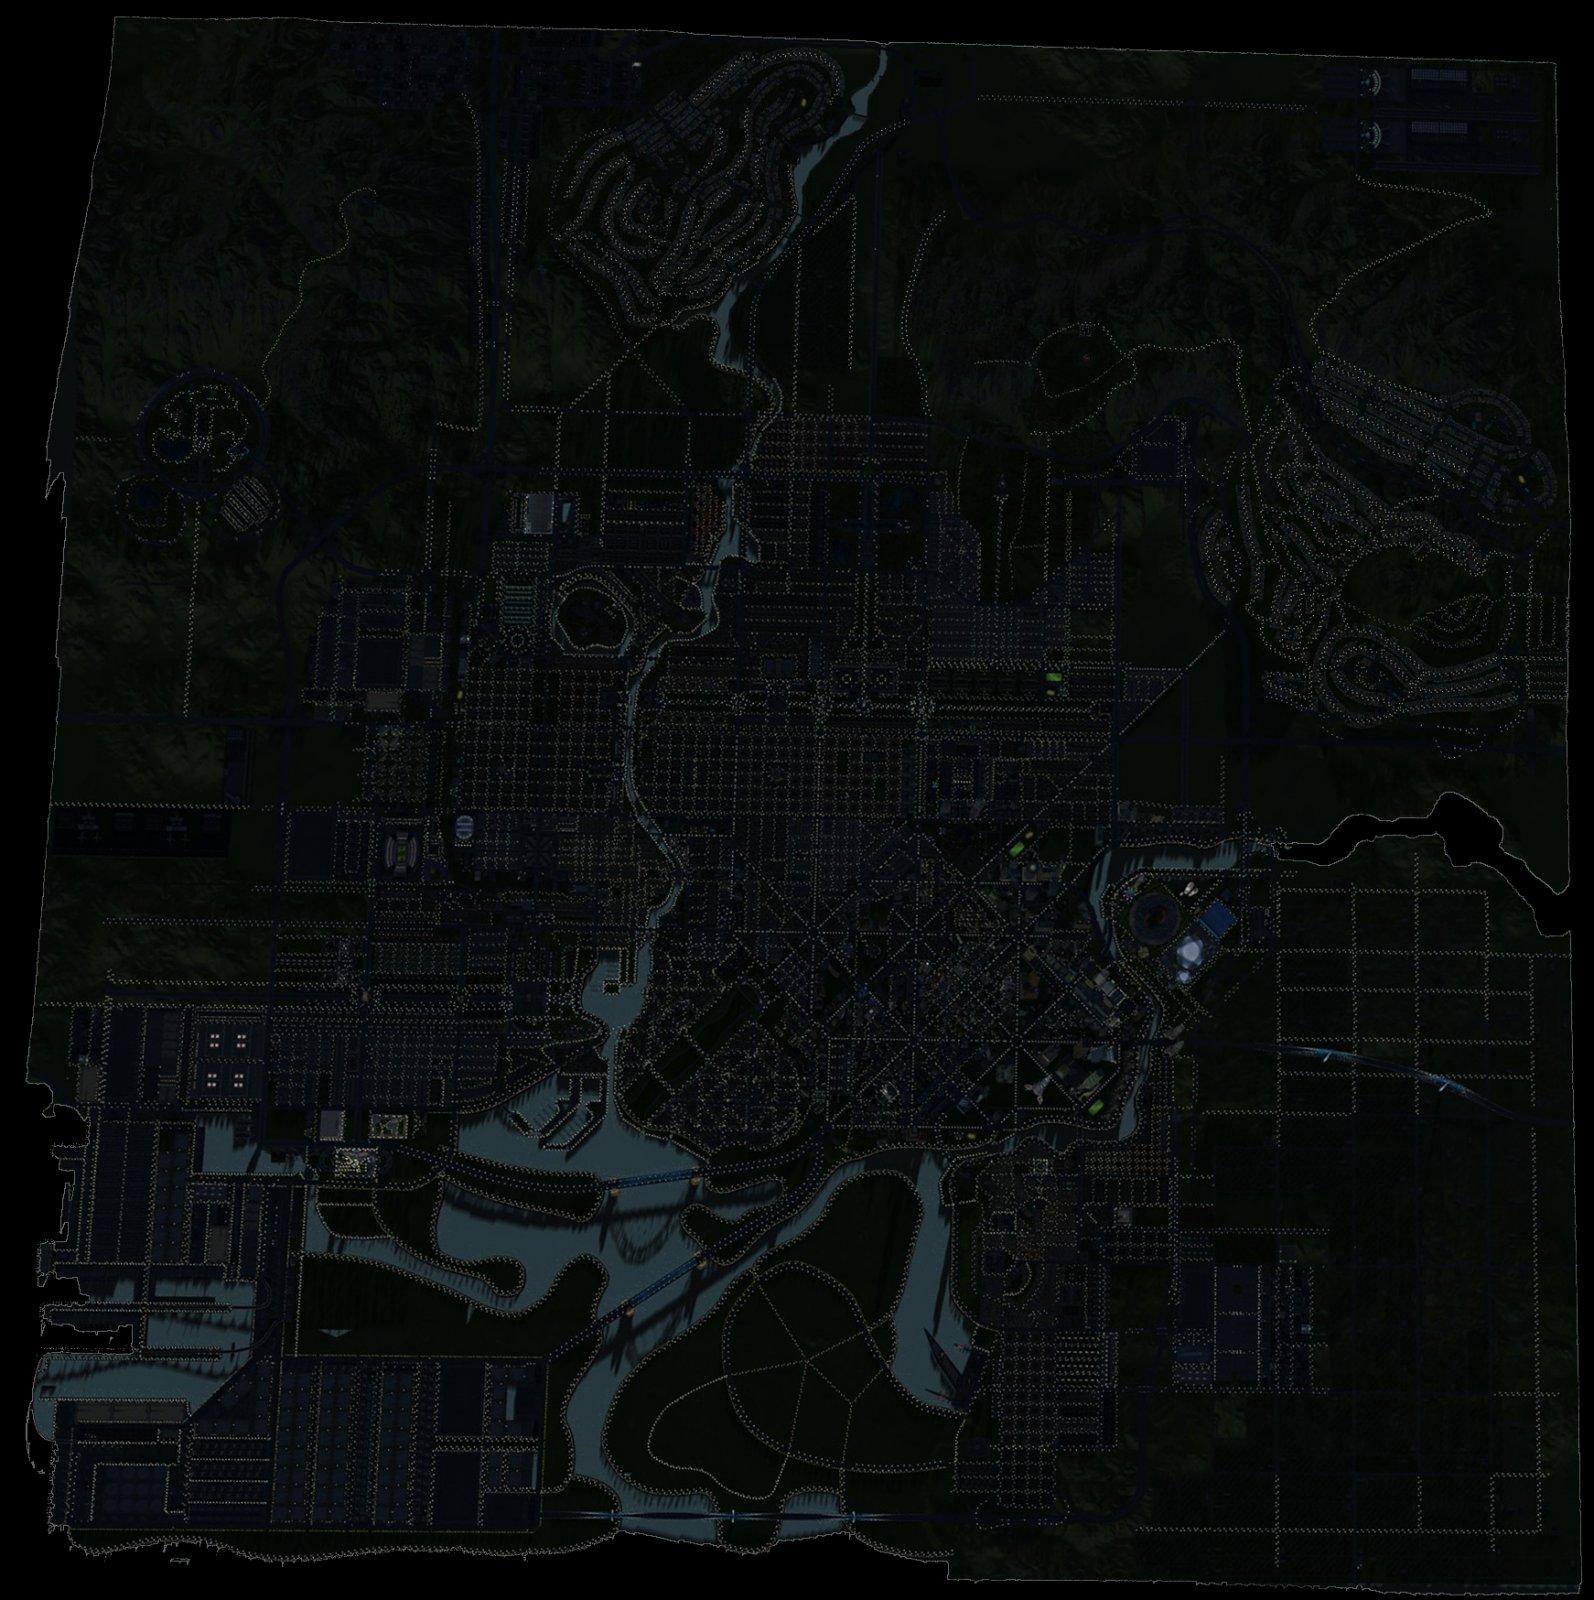 satelite2.jpg